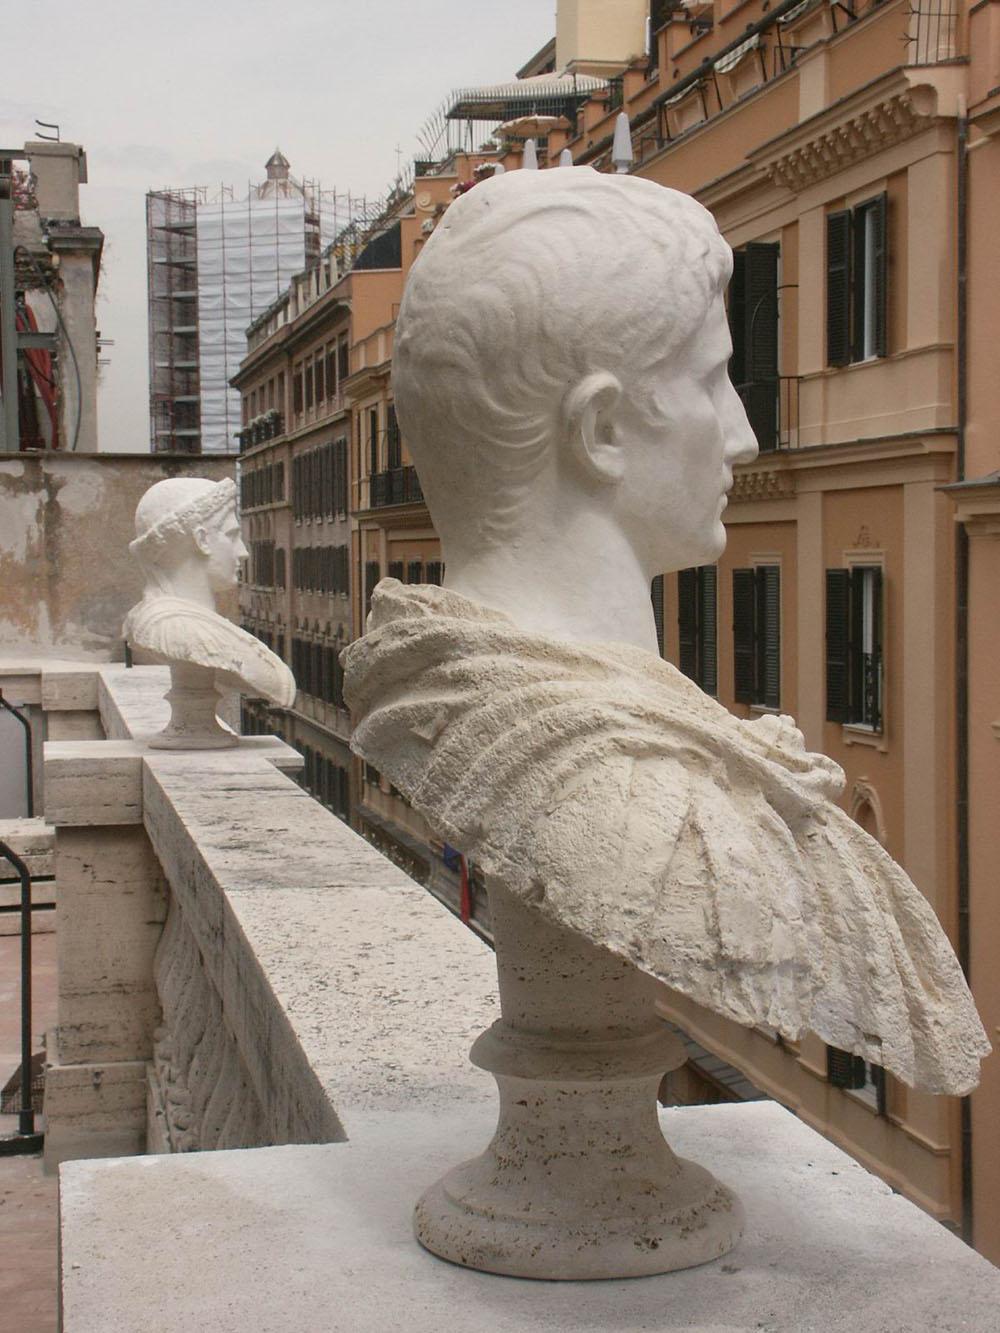 06-i-calchi-posti-sul-terrazzo-del-palazzo-in-sostituzione-dei-busti-originali